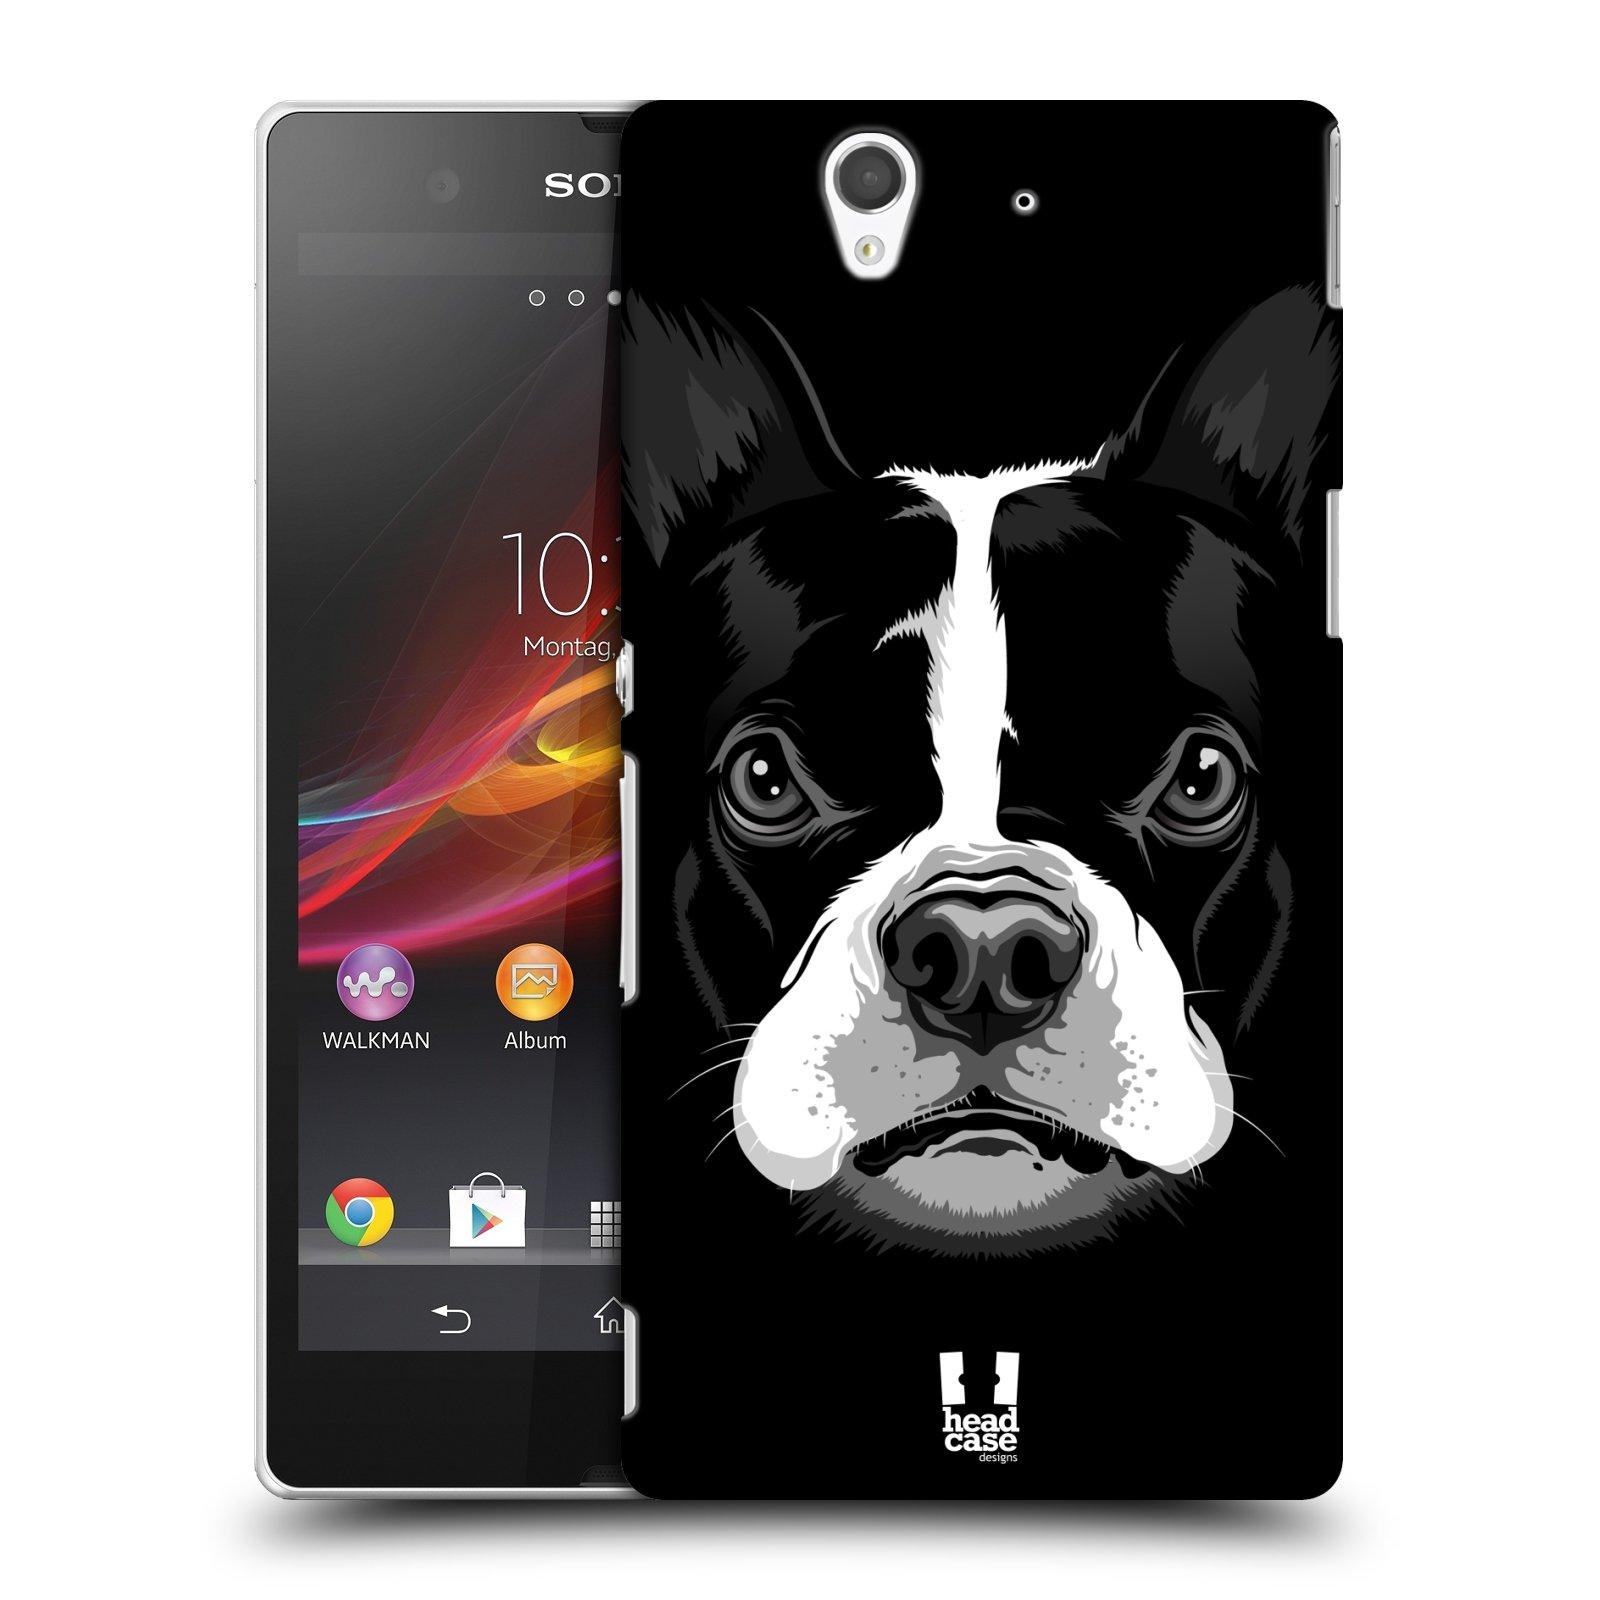 Plastové pouzdro na mobil Sony Xperia Z C6603 HEAD CASE ILUSTROVANÝ BULDOČEK